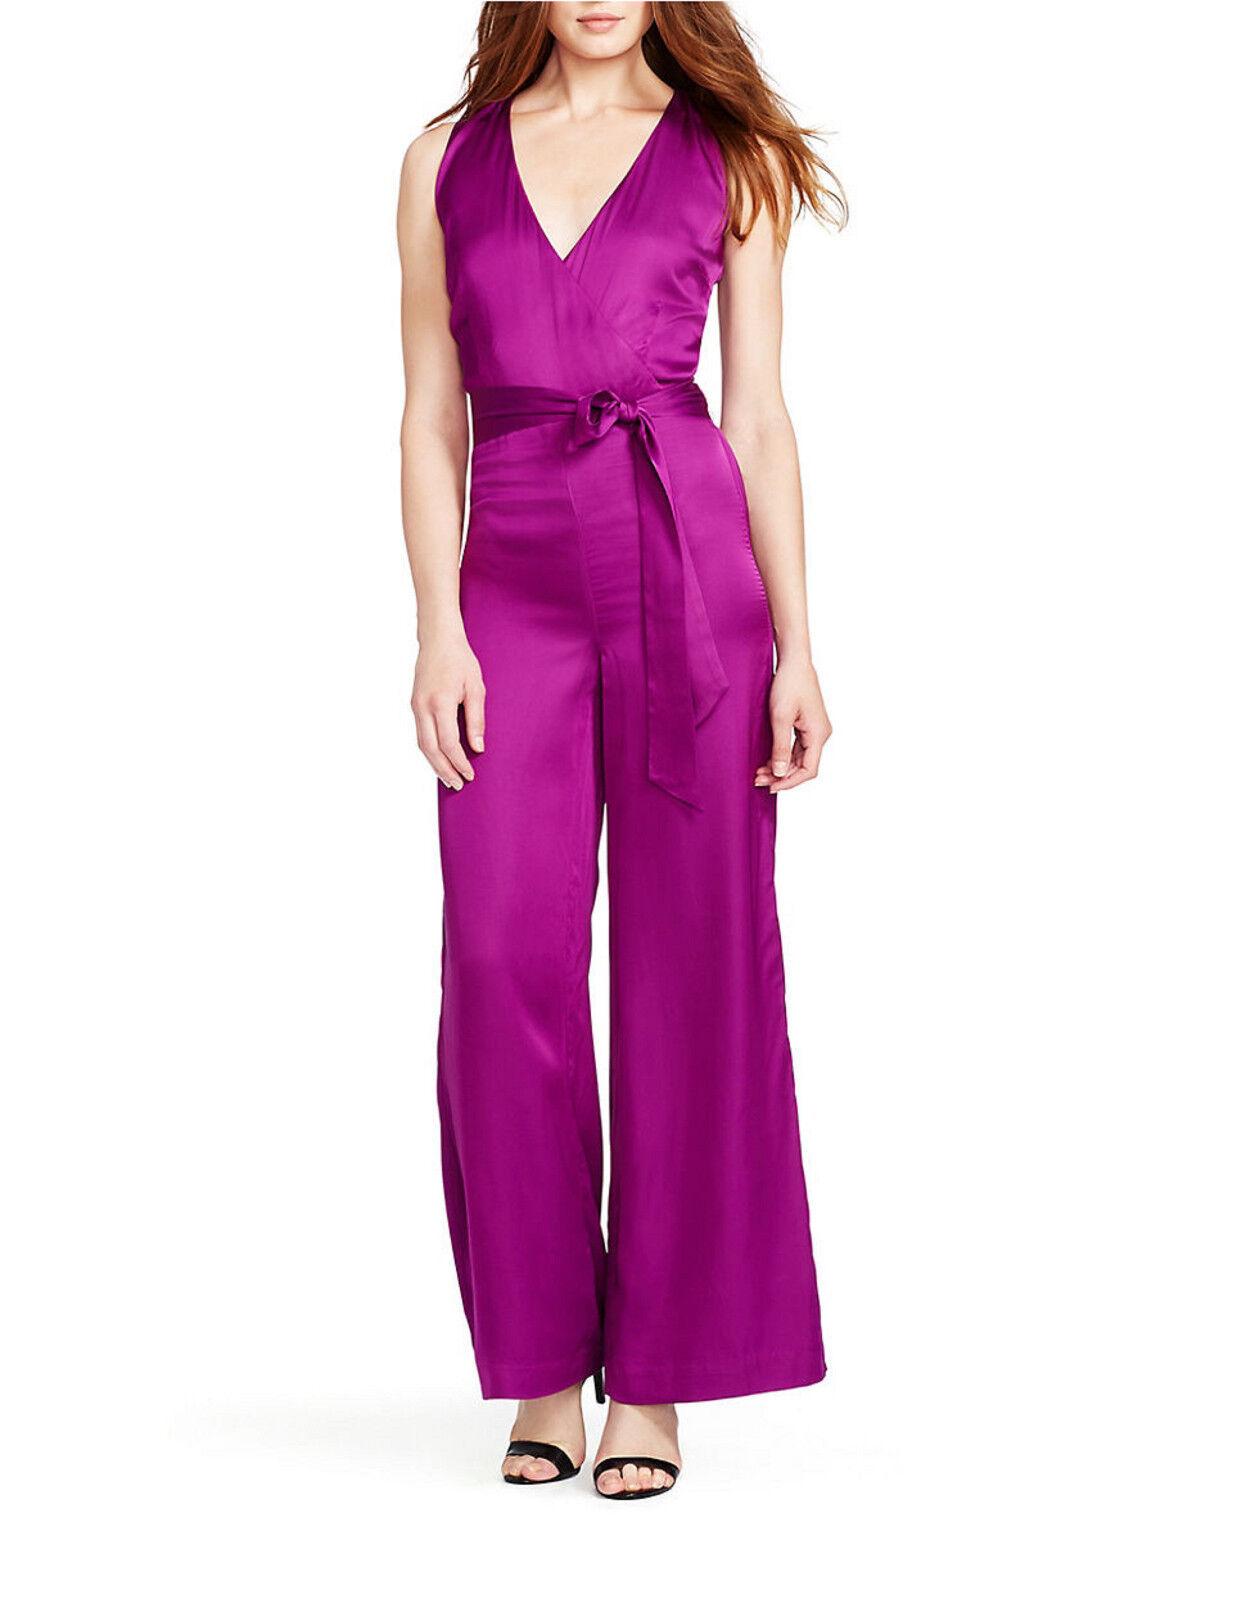 NWT LAUREN by RALPH LAUREN Magenta Purple SATIN JUMPSUIT ROMPER  185.00 S1E1